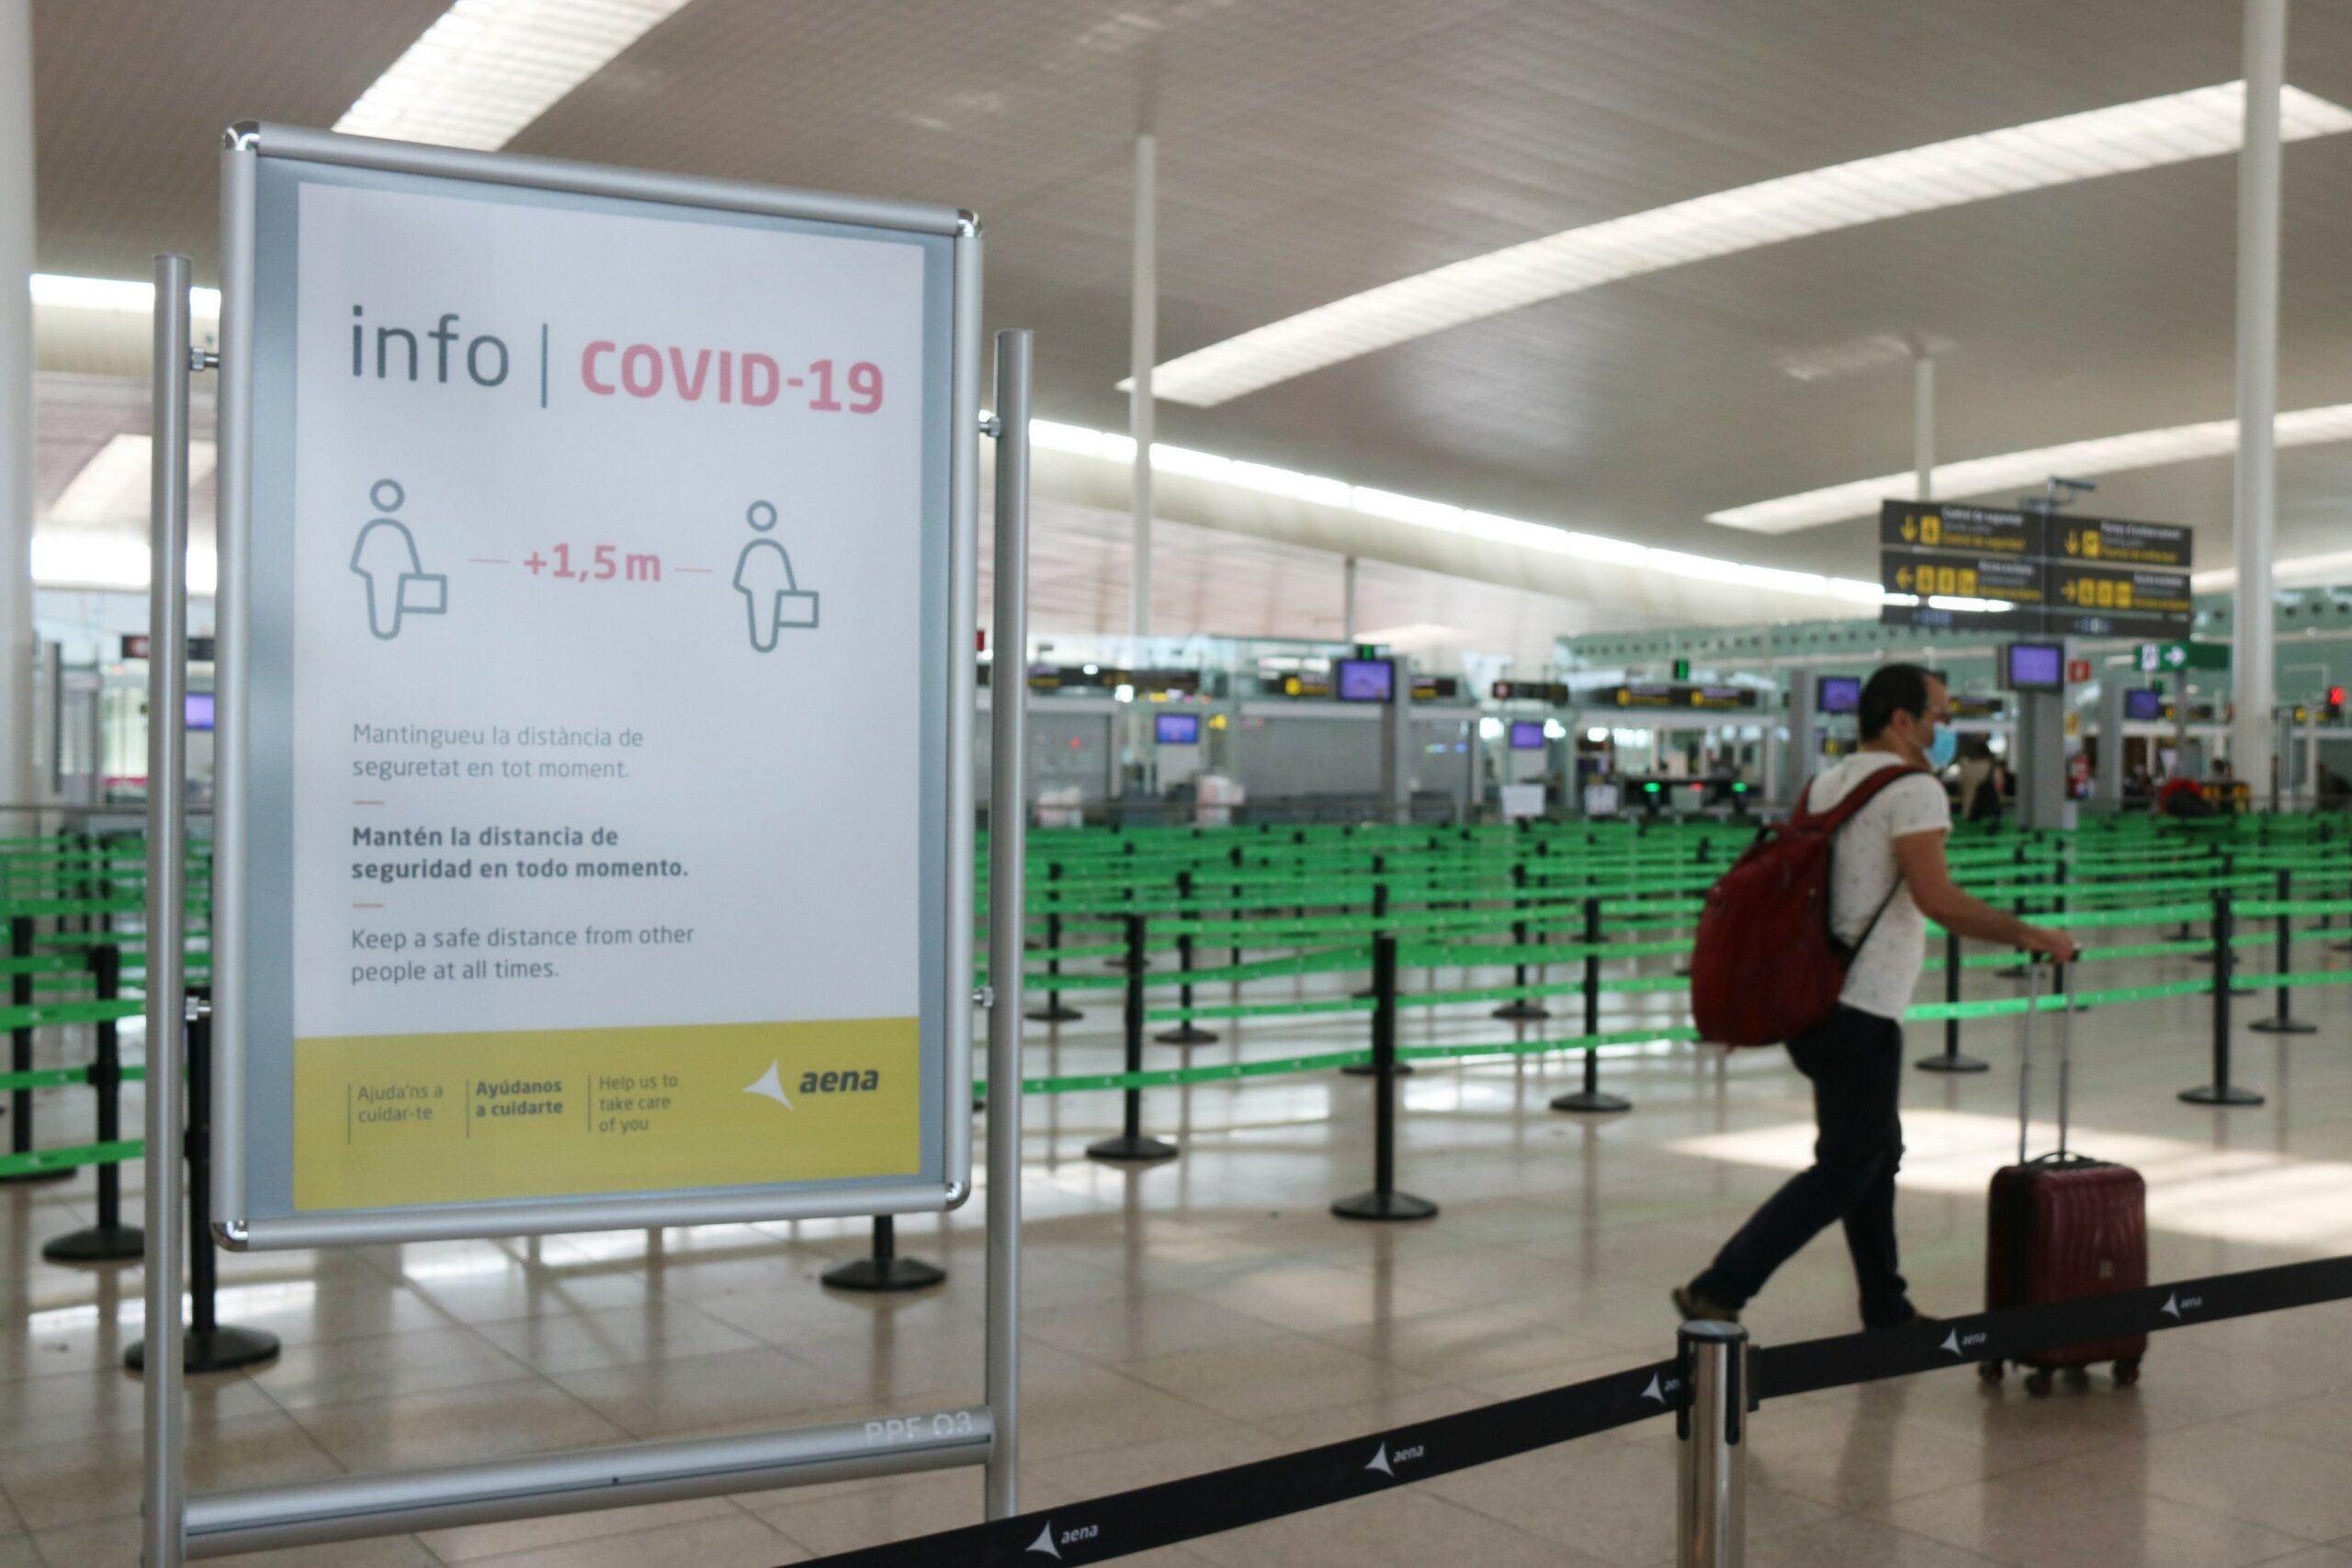 Un cartell informatiu de la covid-19 i d'un passatger arrossegant una maleta amb el control de seguretat de la T1 de l'Aeroport del Prat pràcticament buit, al juliol del 2020 / ACN